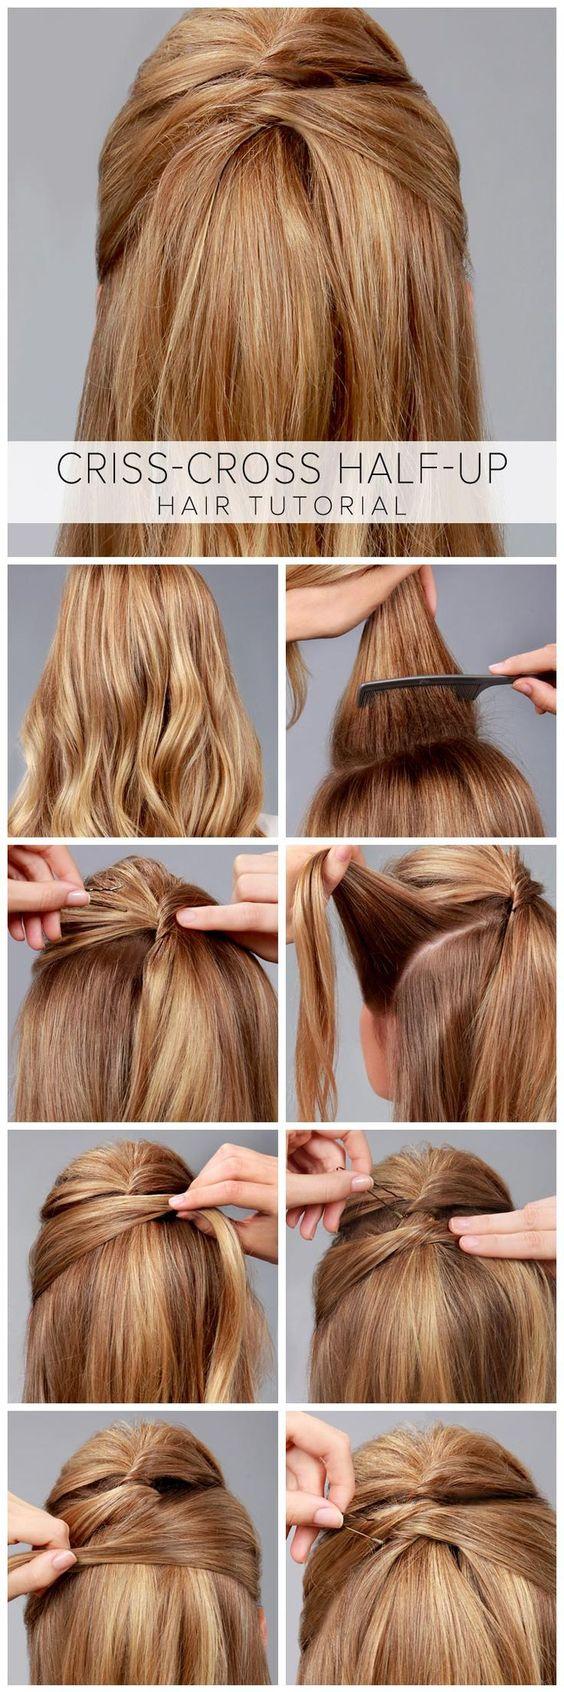 Coucou les filles ! Pour varier les plaisirs, parlons aujourd'hui de l'un des indémodables en termes de coiffure : la demi-queue ! Qu'elle soit associée à une tresse, un chignon ou une queue...